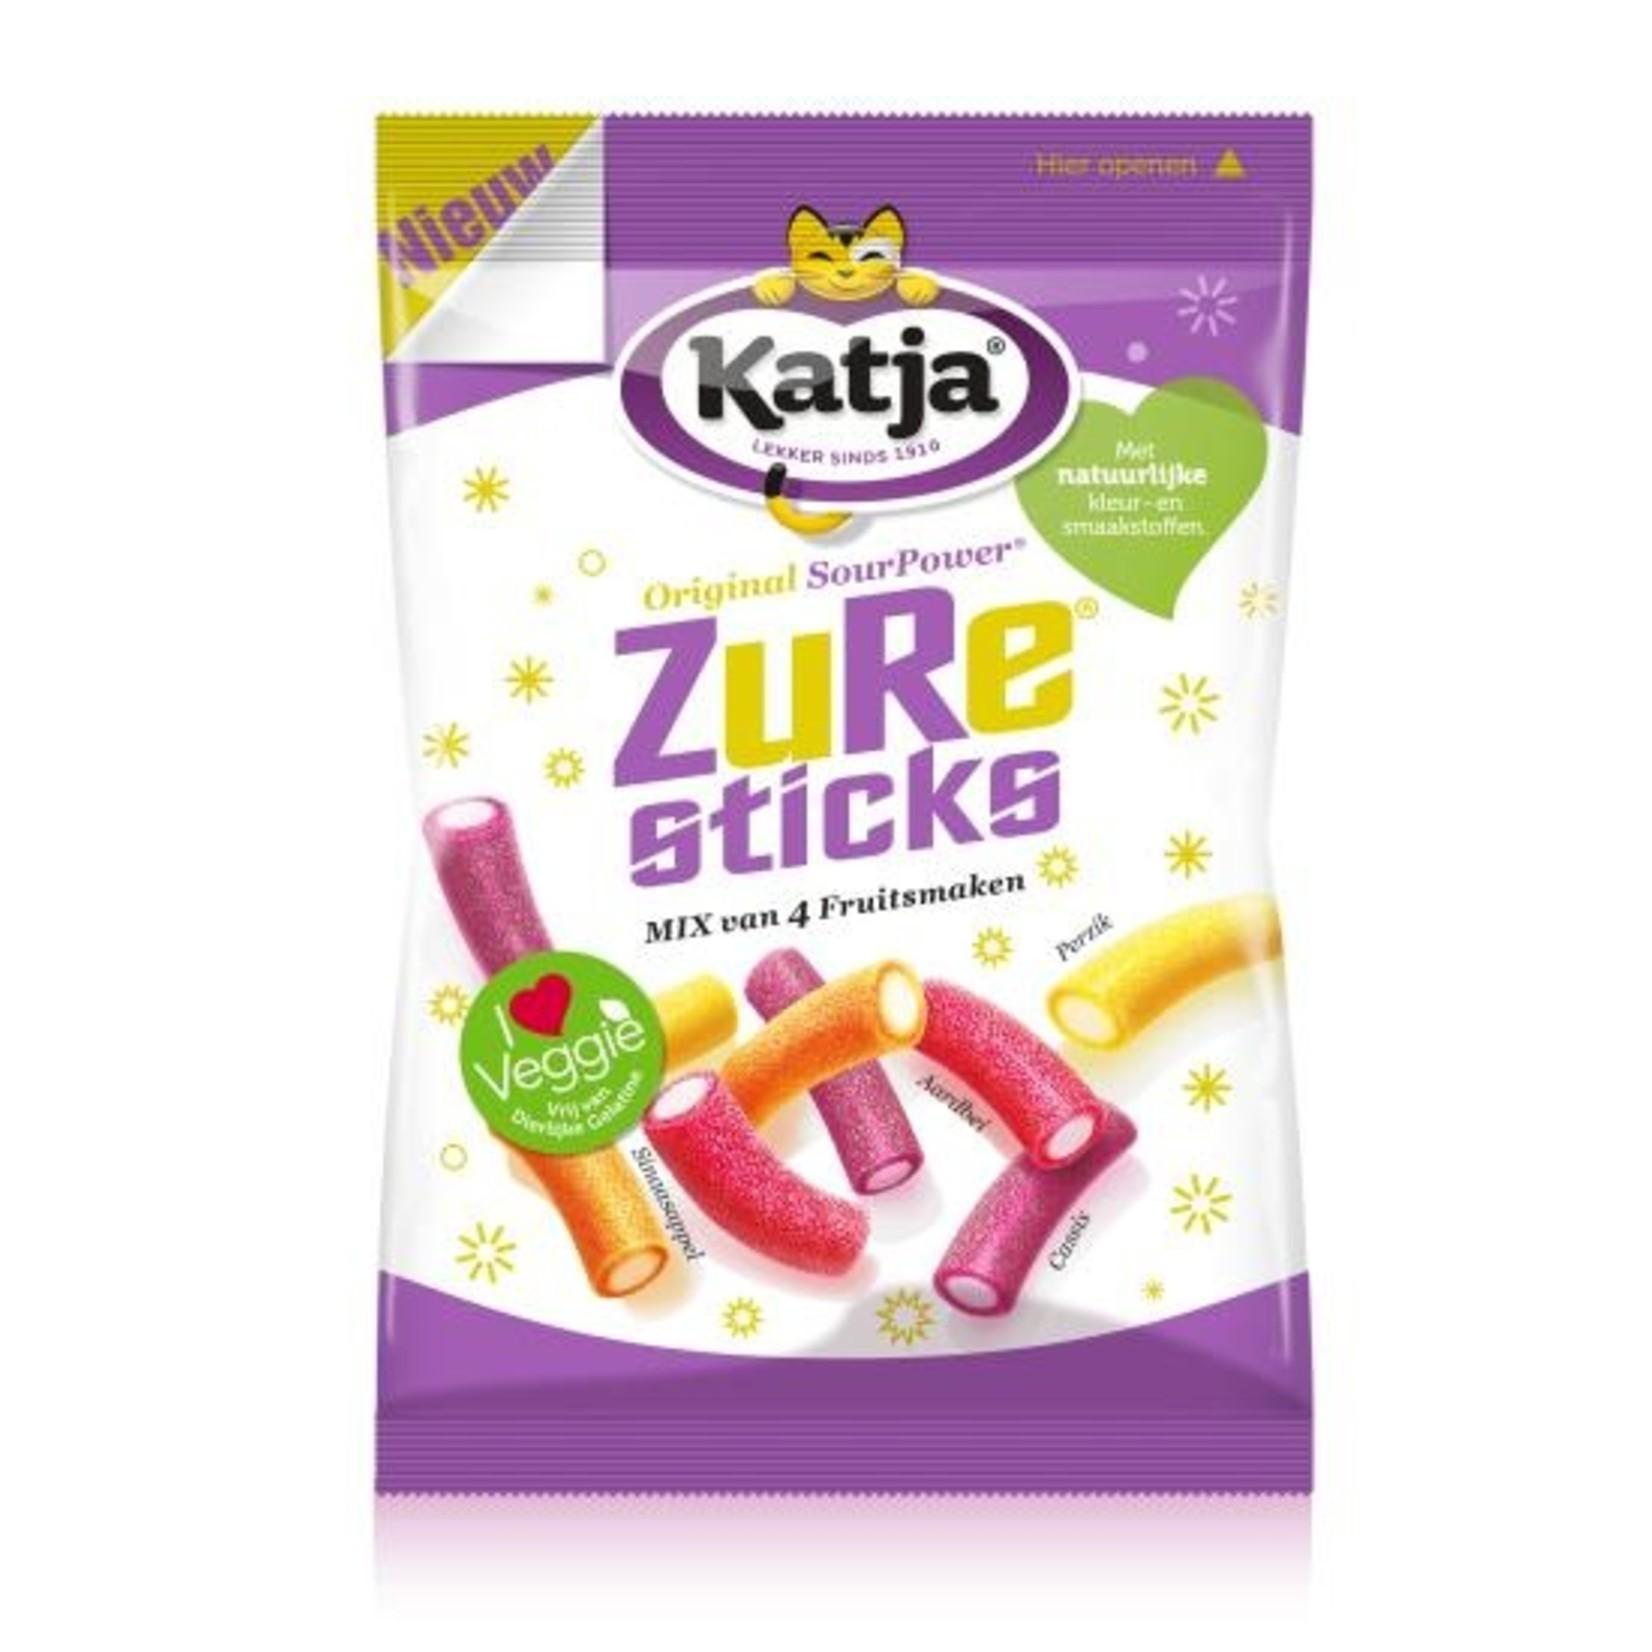 Katja mix van 4 fruitsmaken